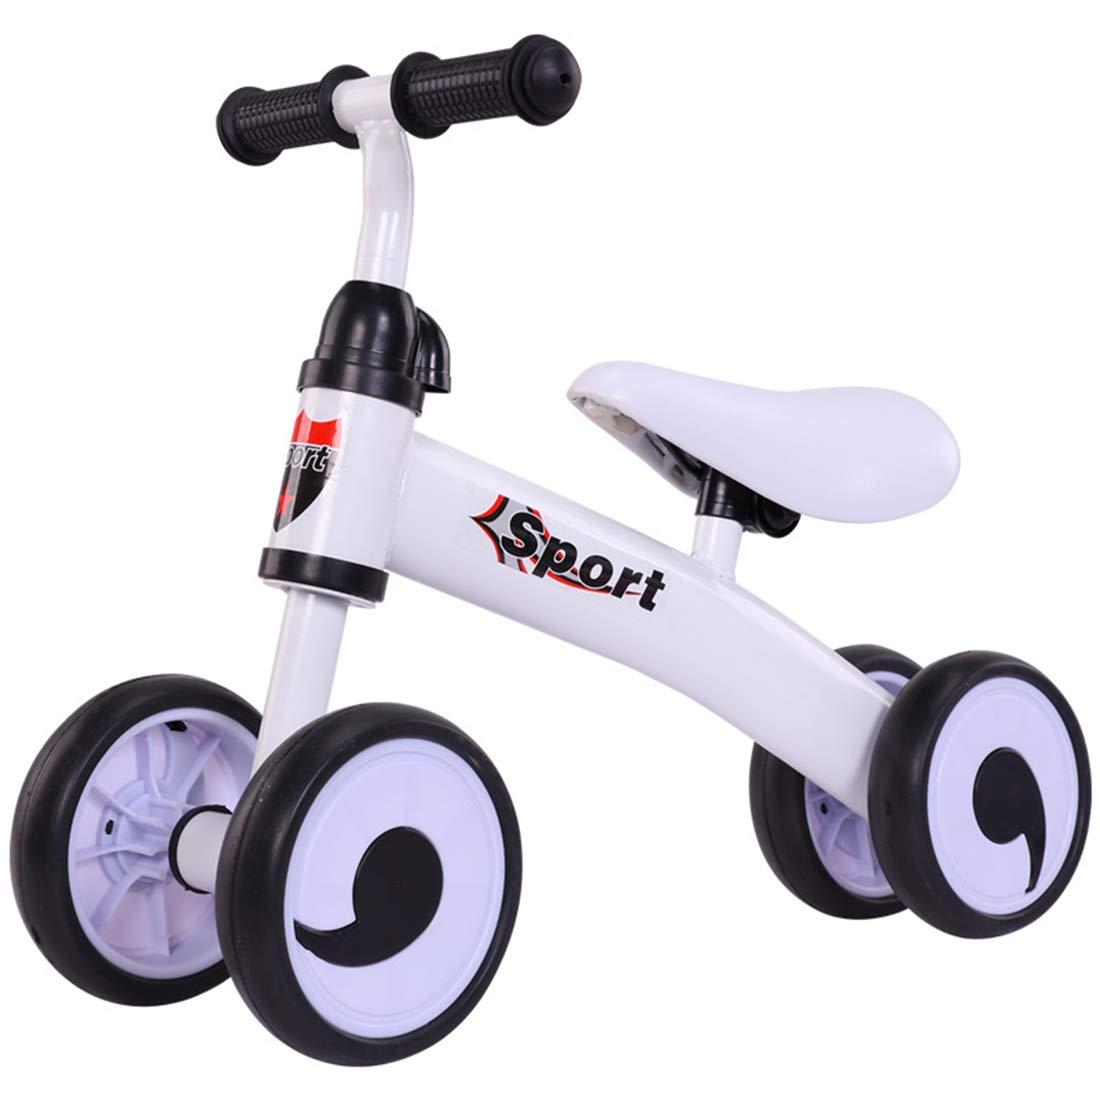 GRXXX Kinder-Vierrad-Balance Car Slide Car ohne Pedal Roller Spielzeugauto 1-3 Jahre alt,Blau-OneGröße Weiß OneGröße